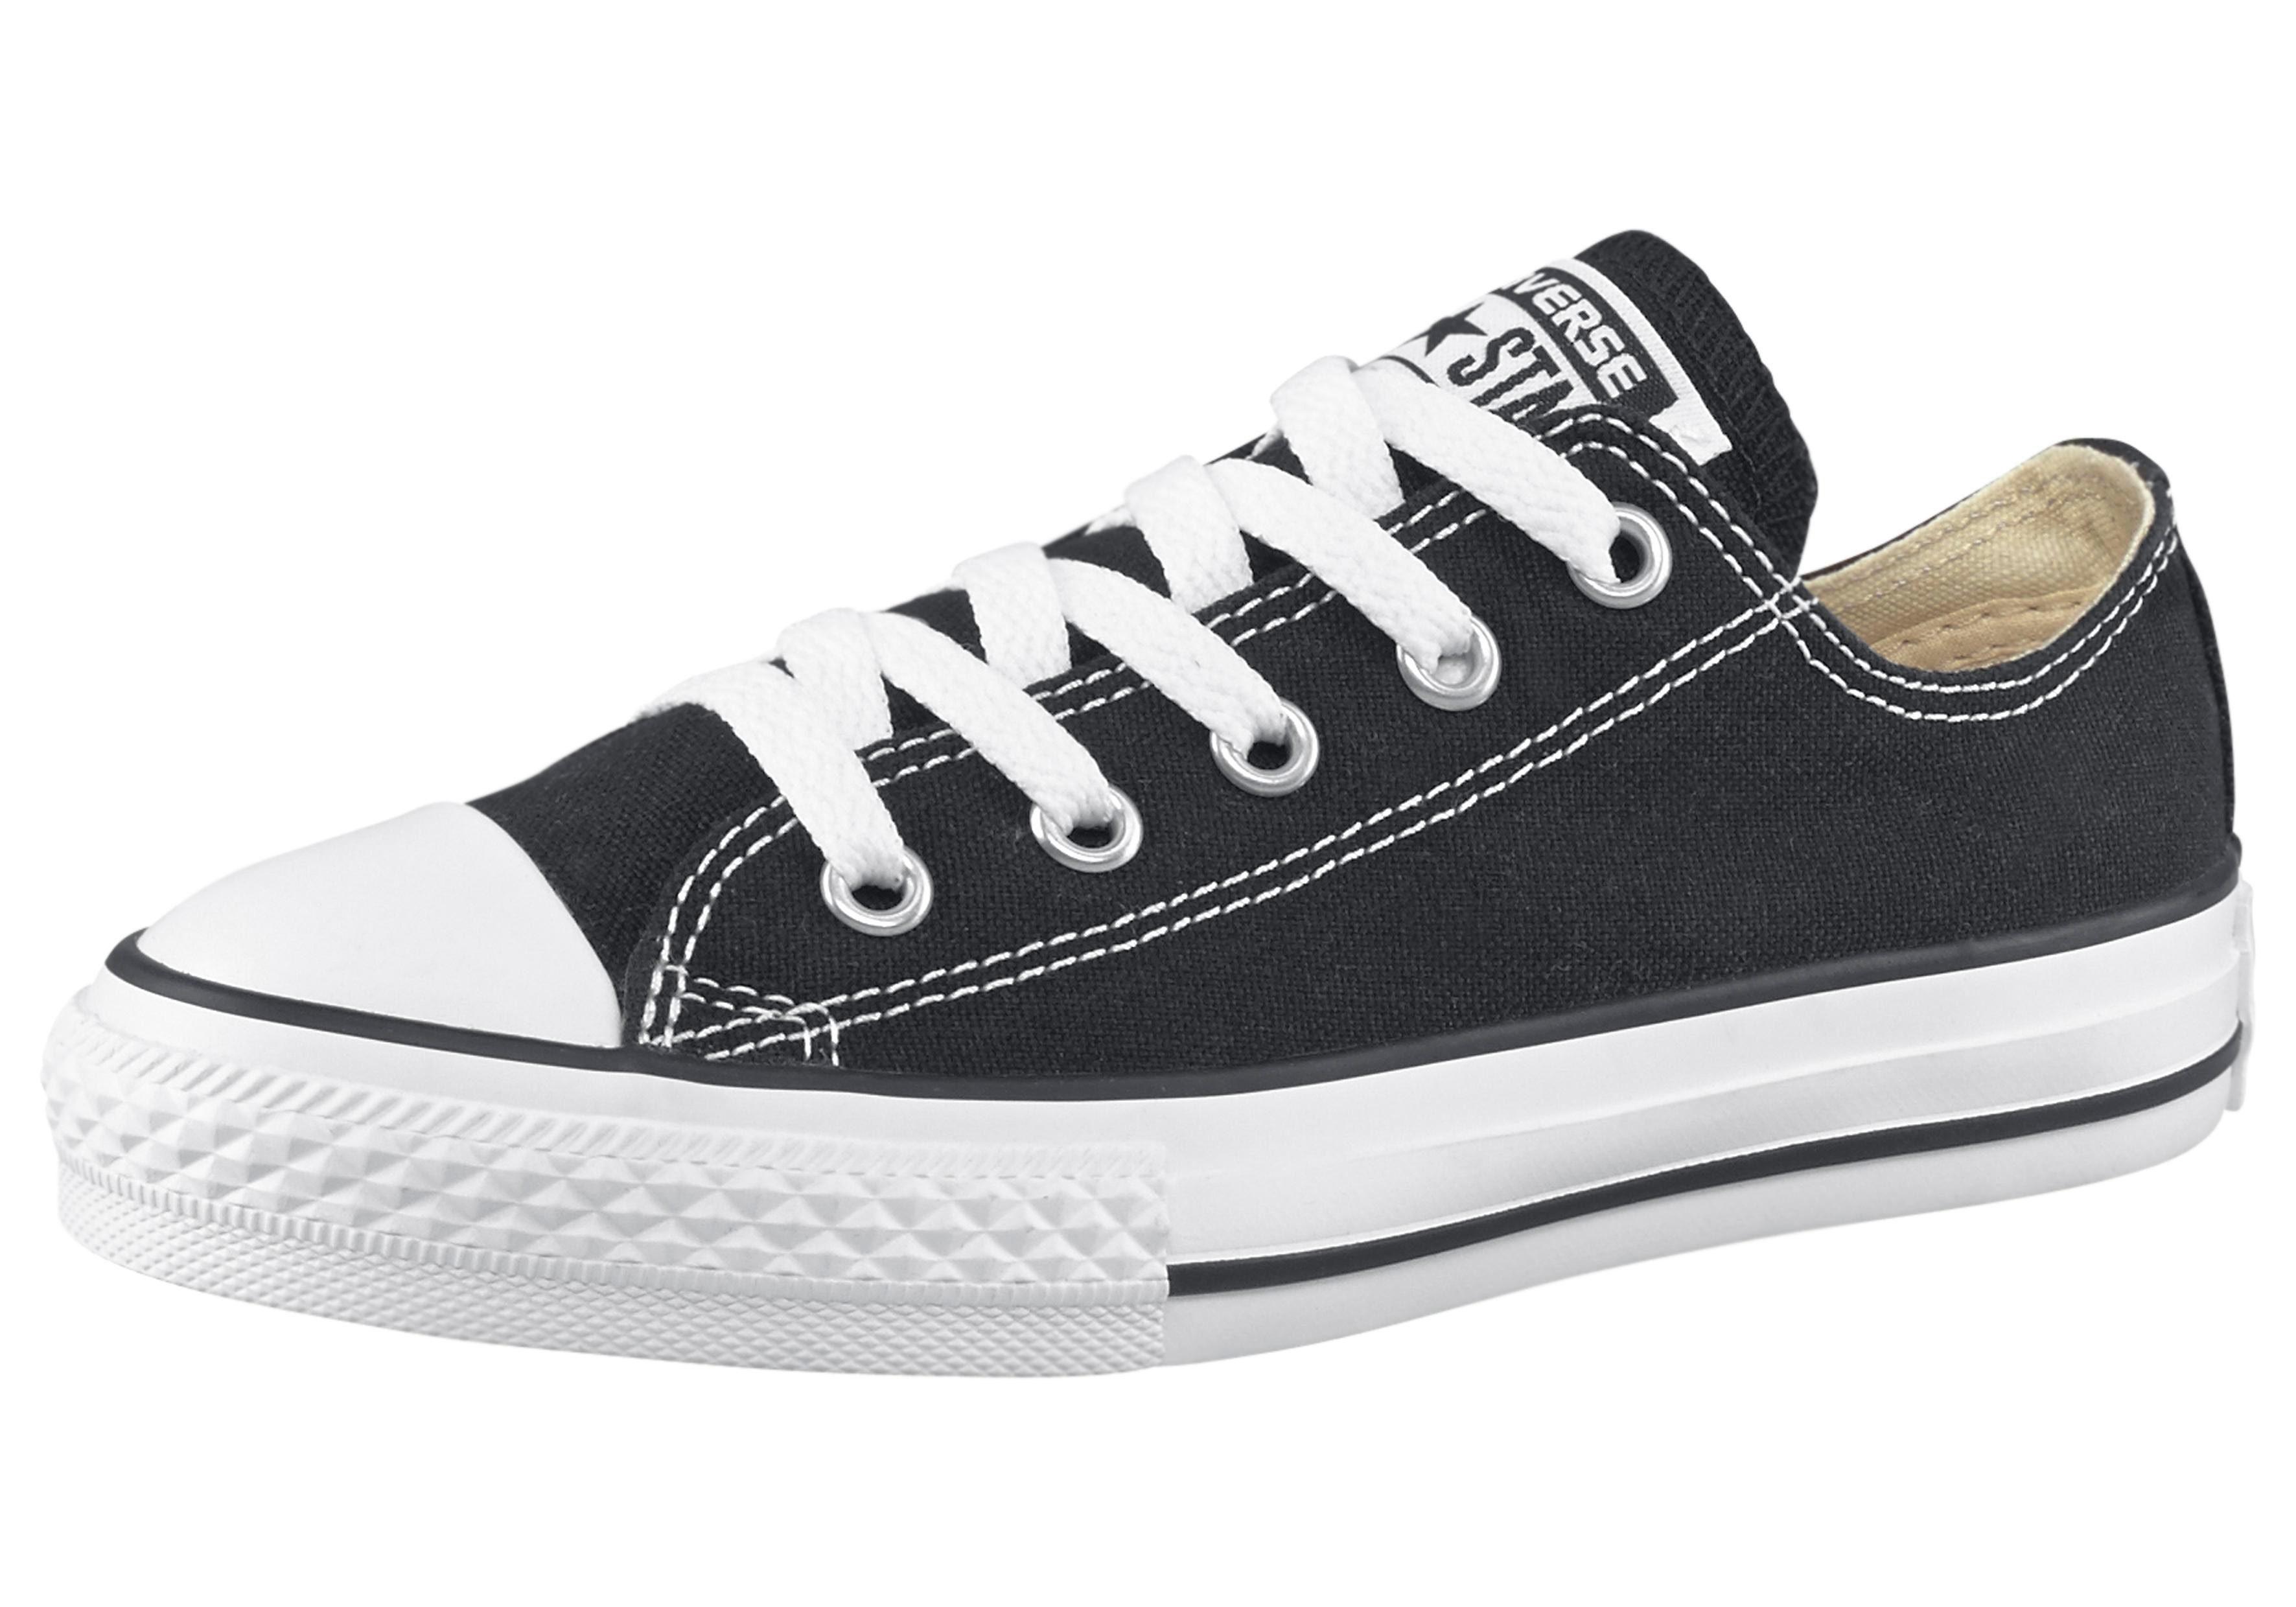 Chaussures De Sport Converse En Modèle Plat CLmYgt3